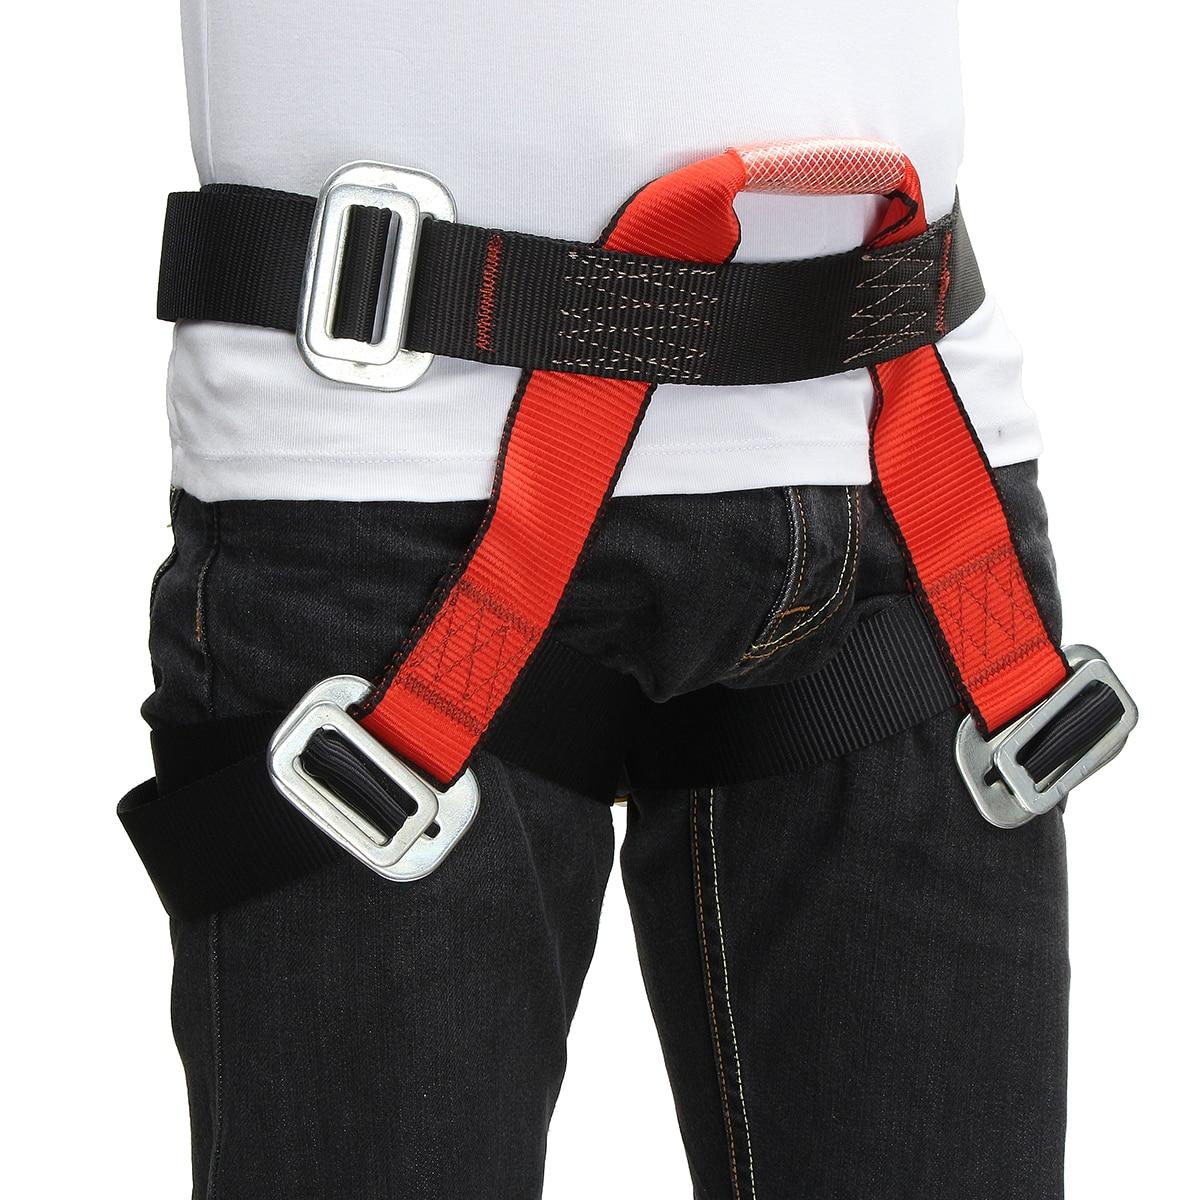 Ceinture de sécurité d'escalade extérieure demi-corps escalade accessoires protection pour escalade descente harnais rappel ceinture 2019 nouveau